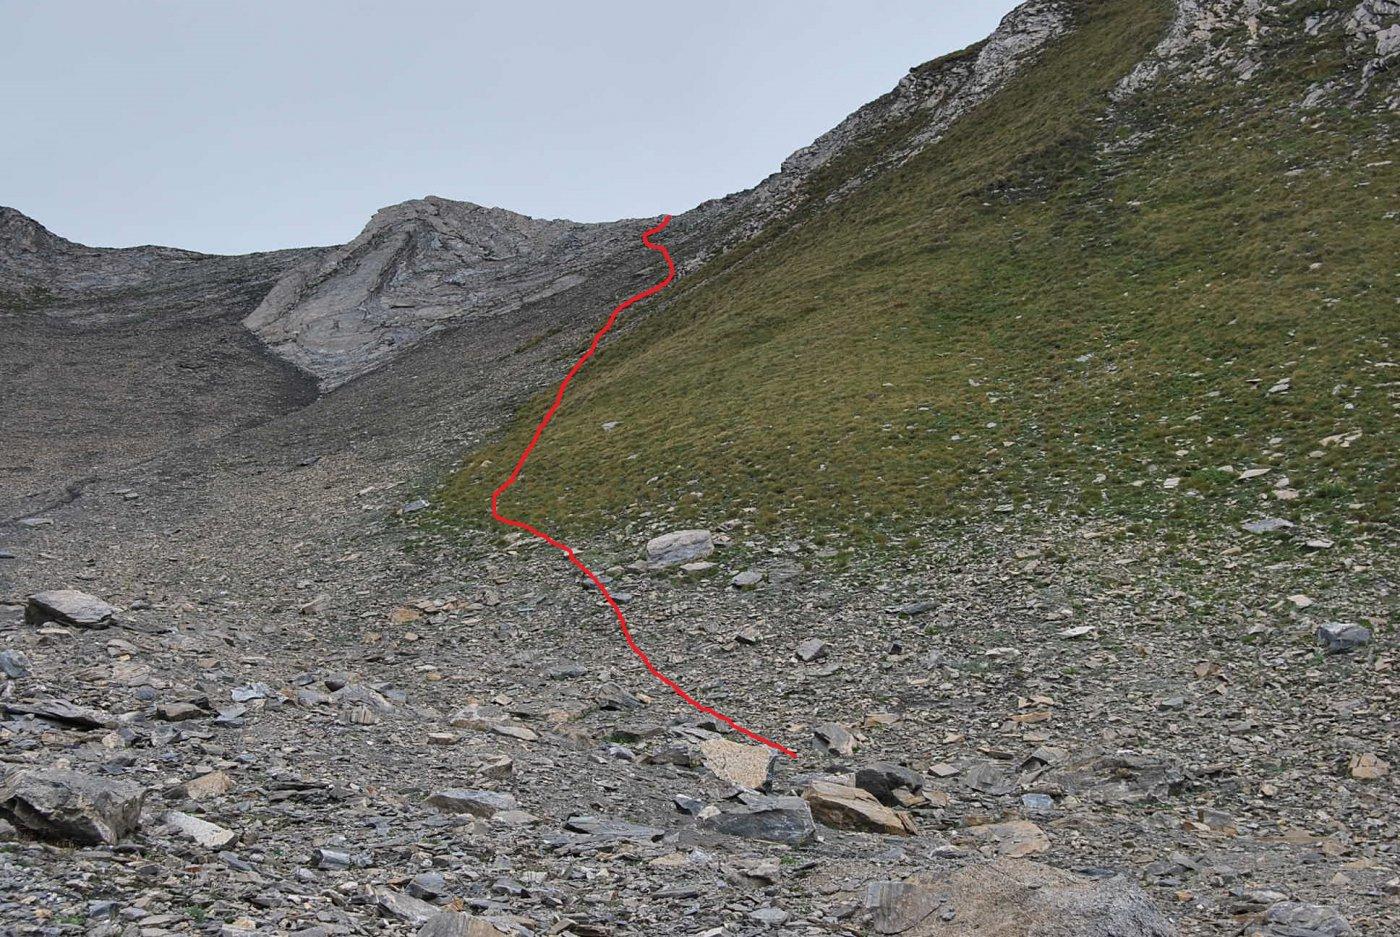 L'ultimo tratto per il colle, con la ripida rampa e la via di salita